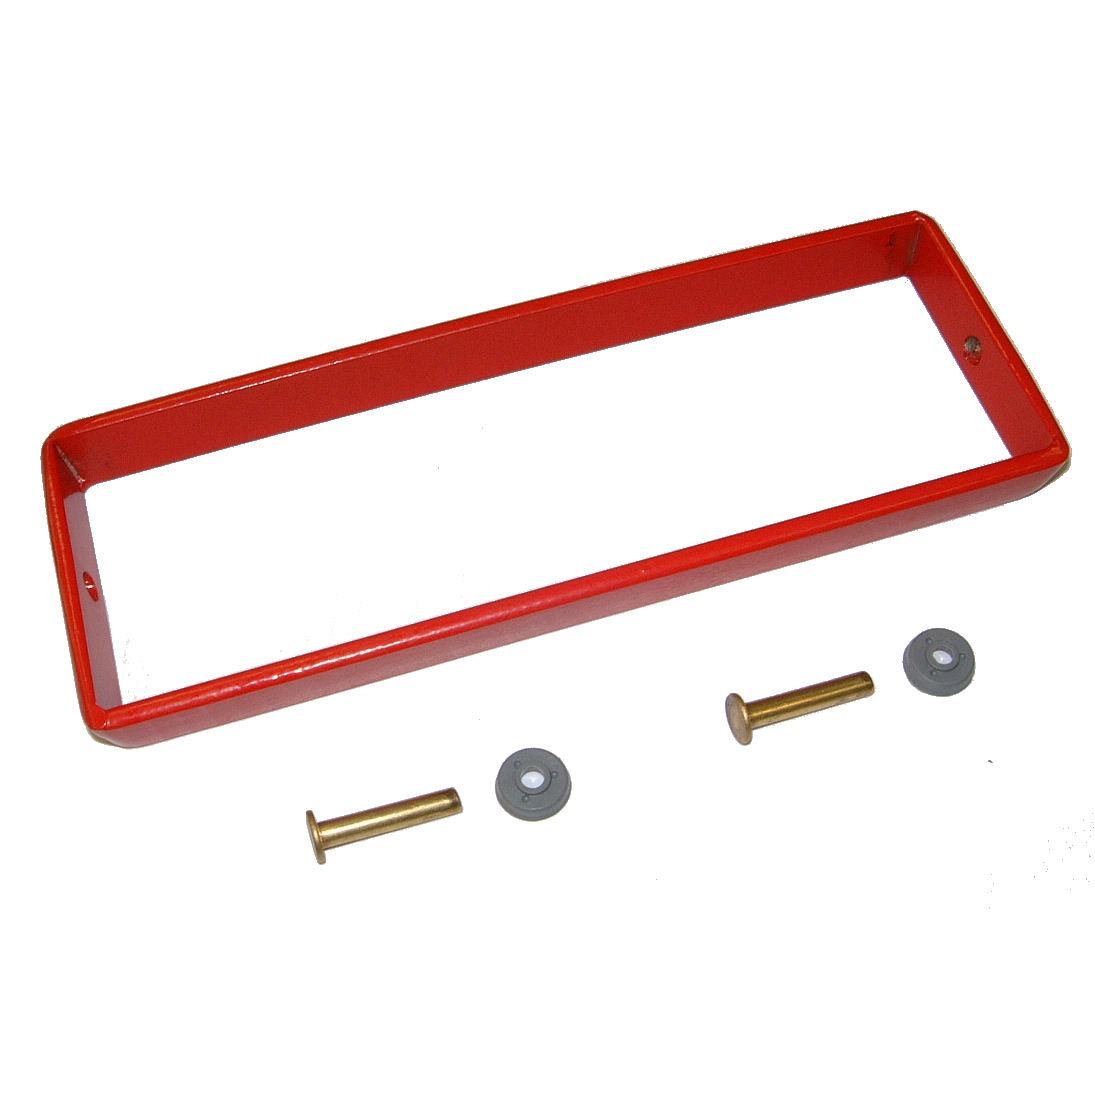 K6 SMALL STEEL GLAZING FRAME KIT X 1